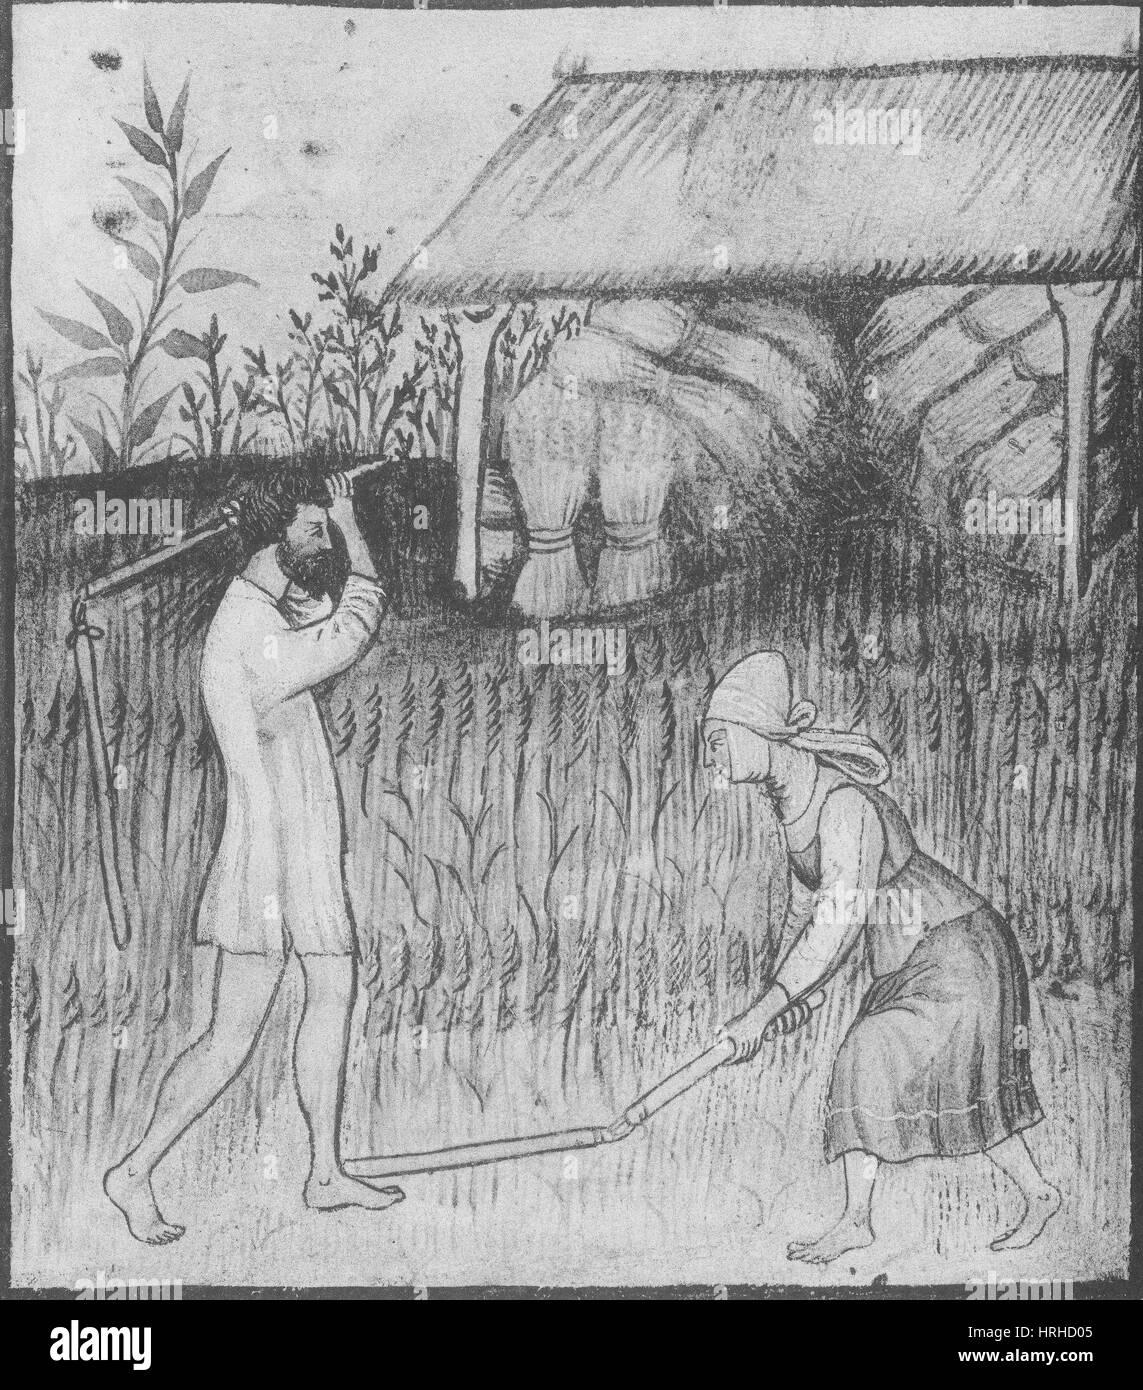 Agricoltura, allevamento medievale Immagini Stock